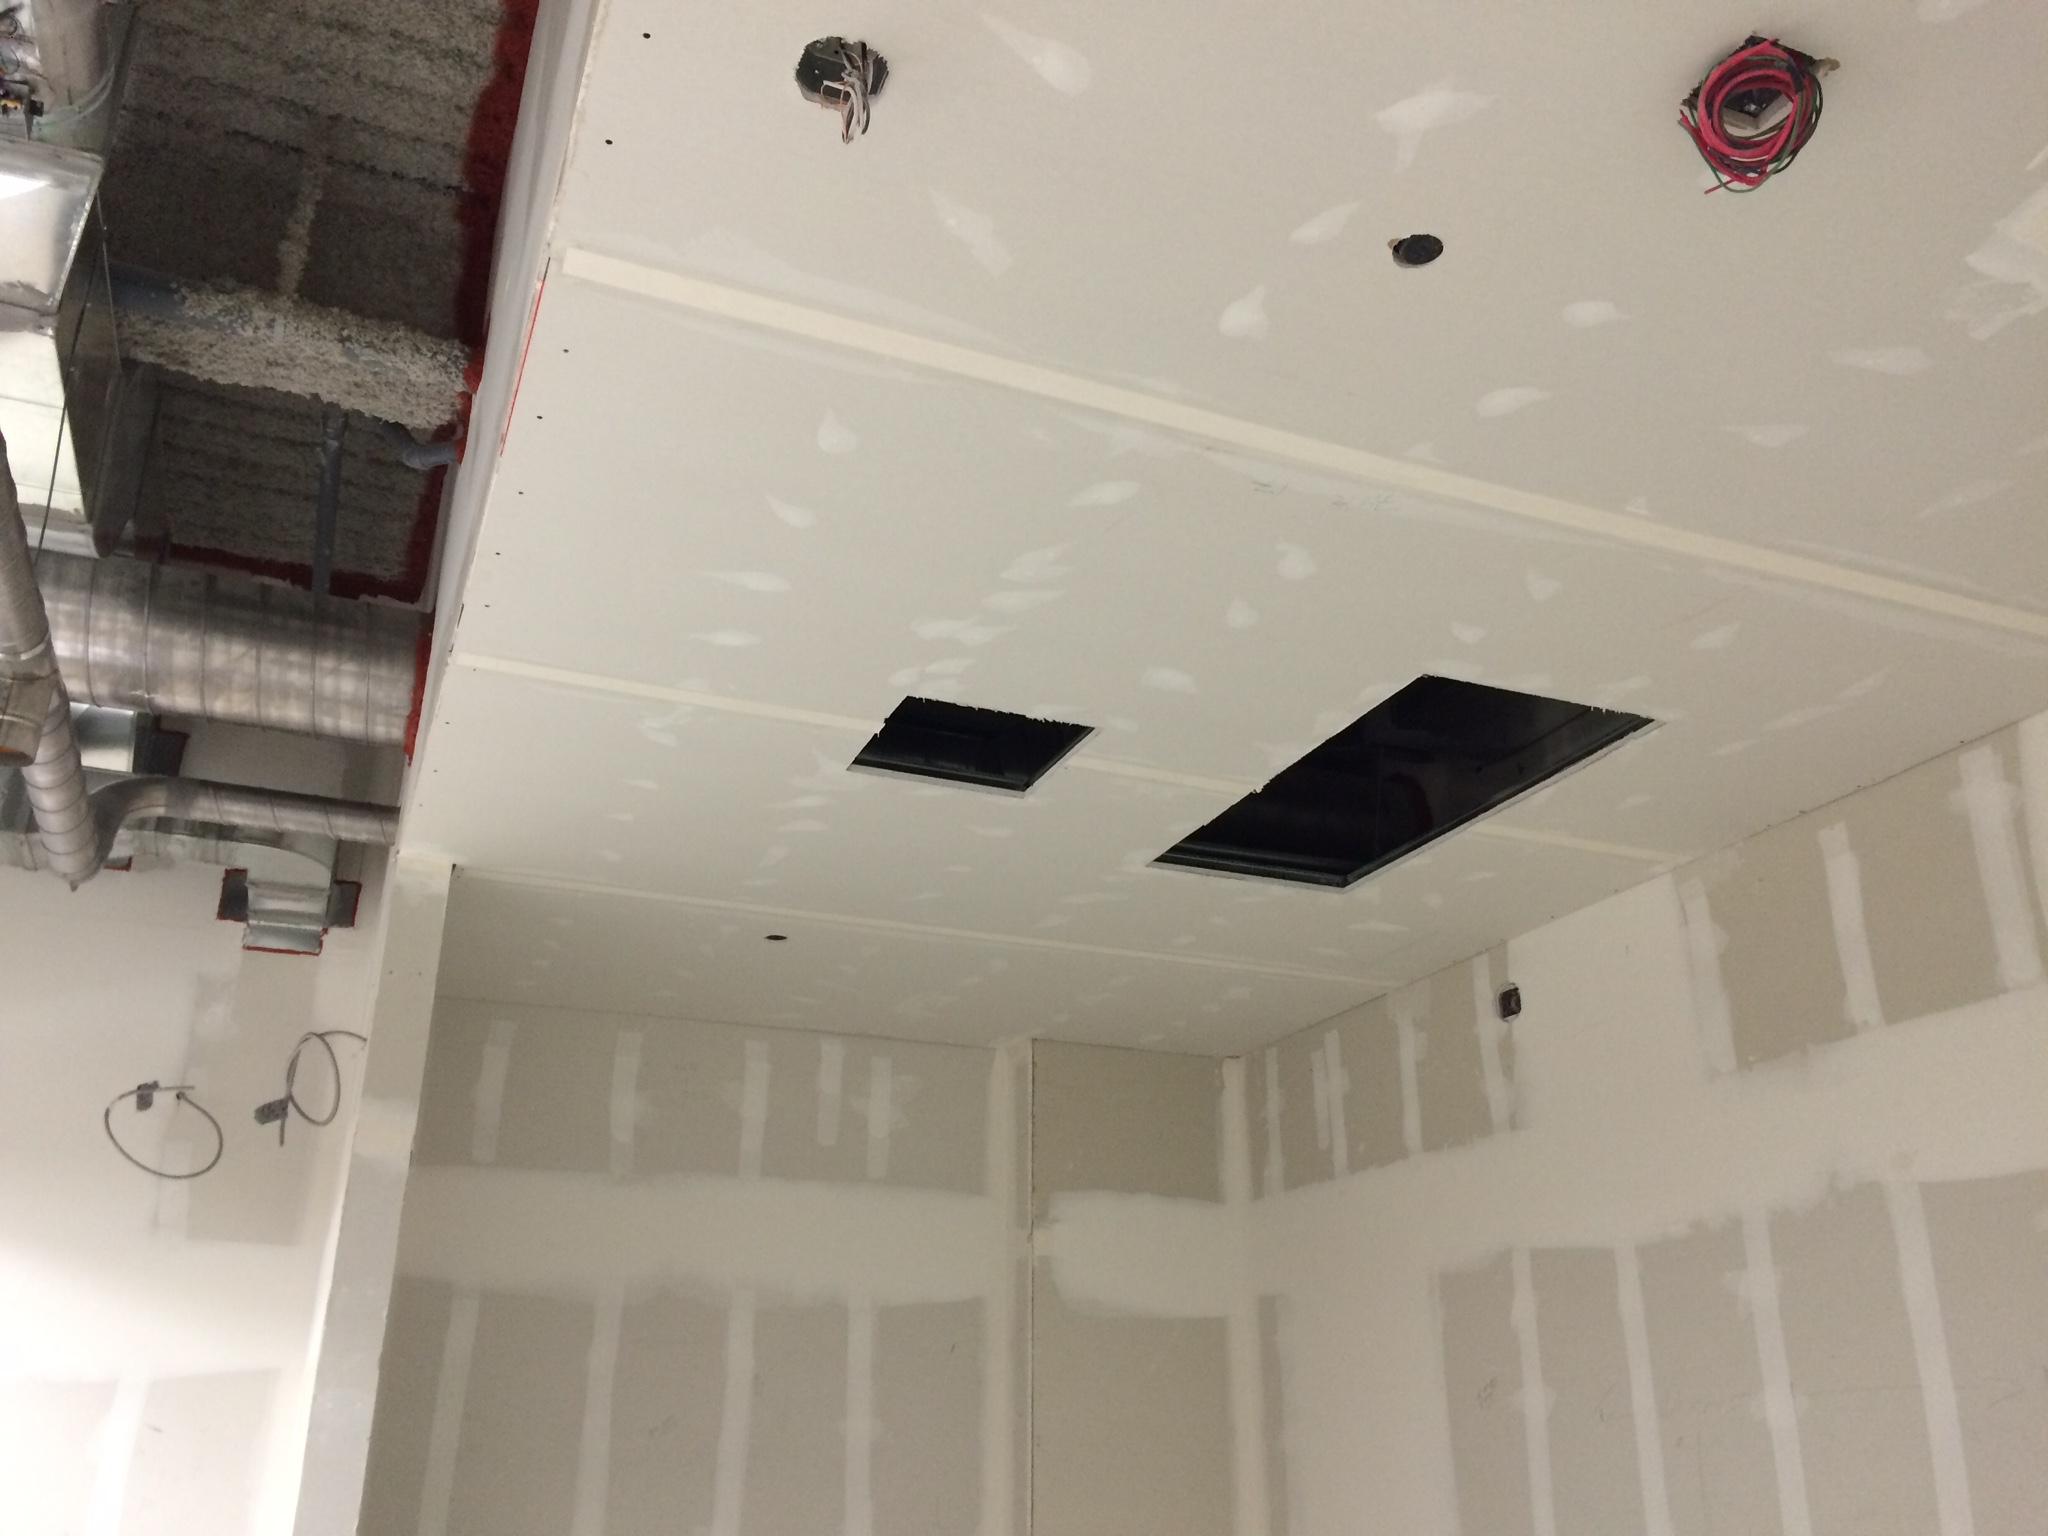 Ceilings drywalled